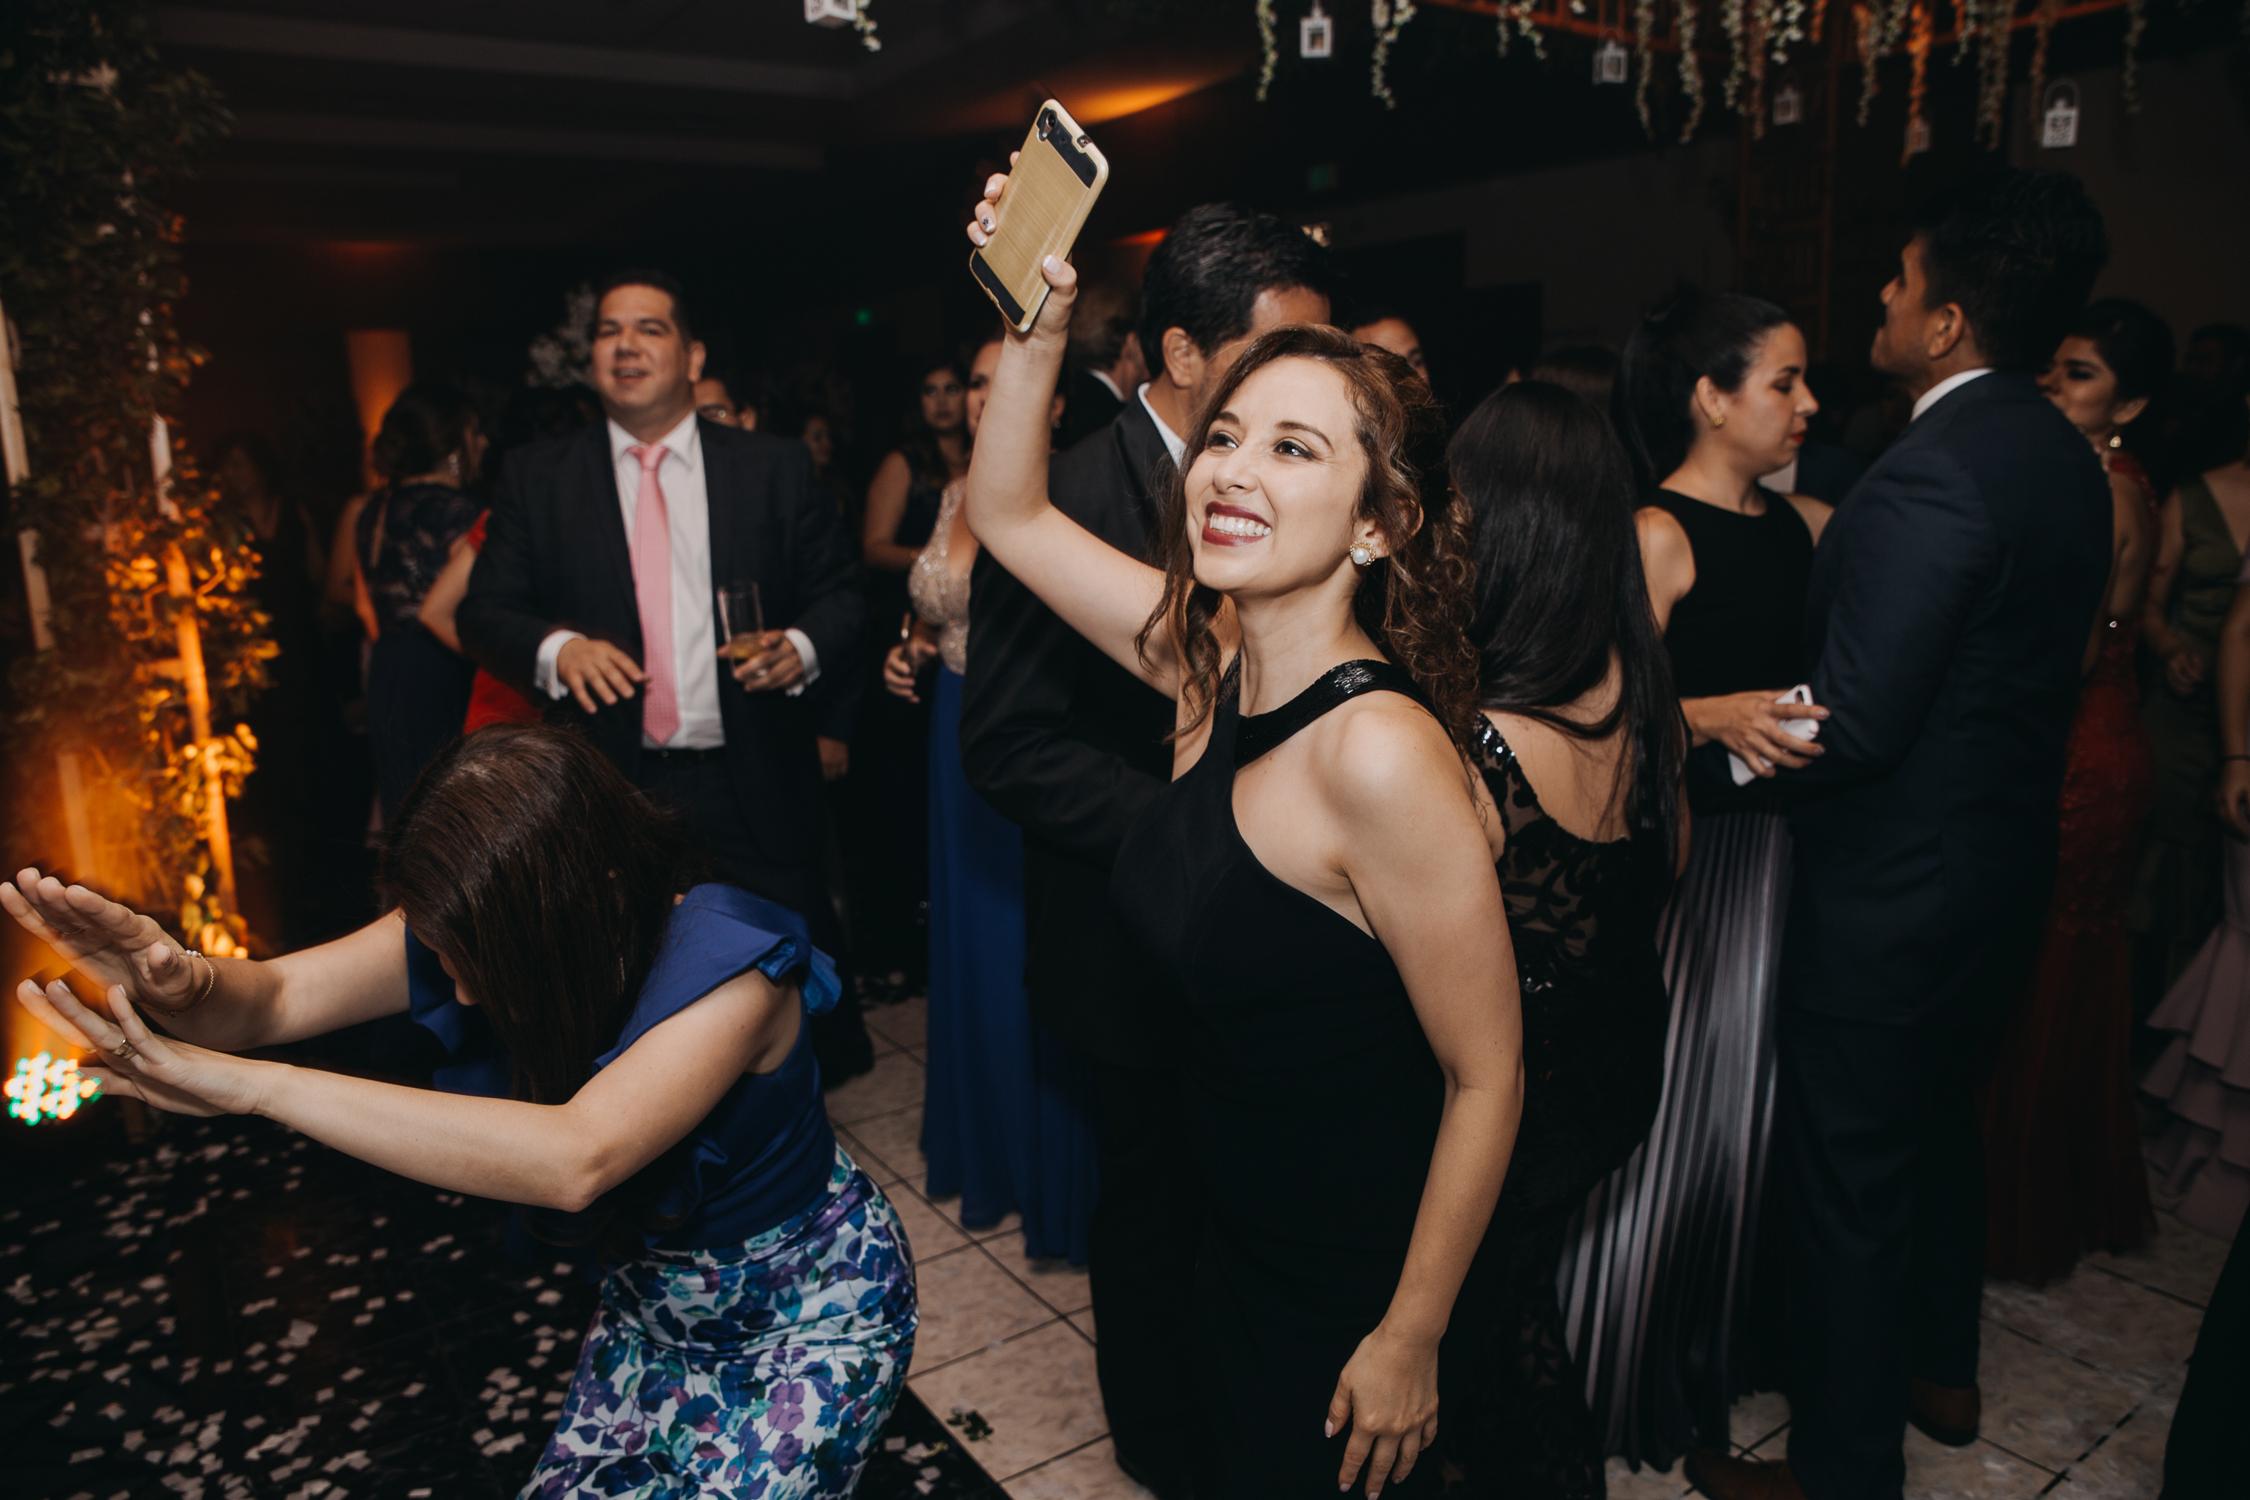 Michelle-Agurto-Fotografia-Bodas-Ecuador-Destination-Wedding-Photographer-Patricia-Guido-327.JPG